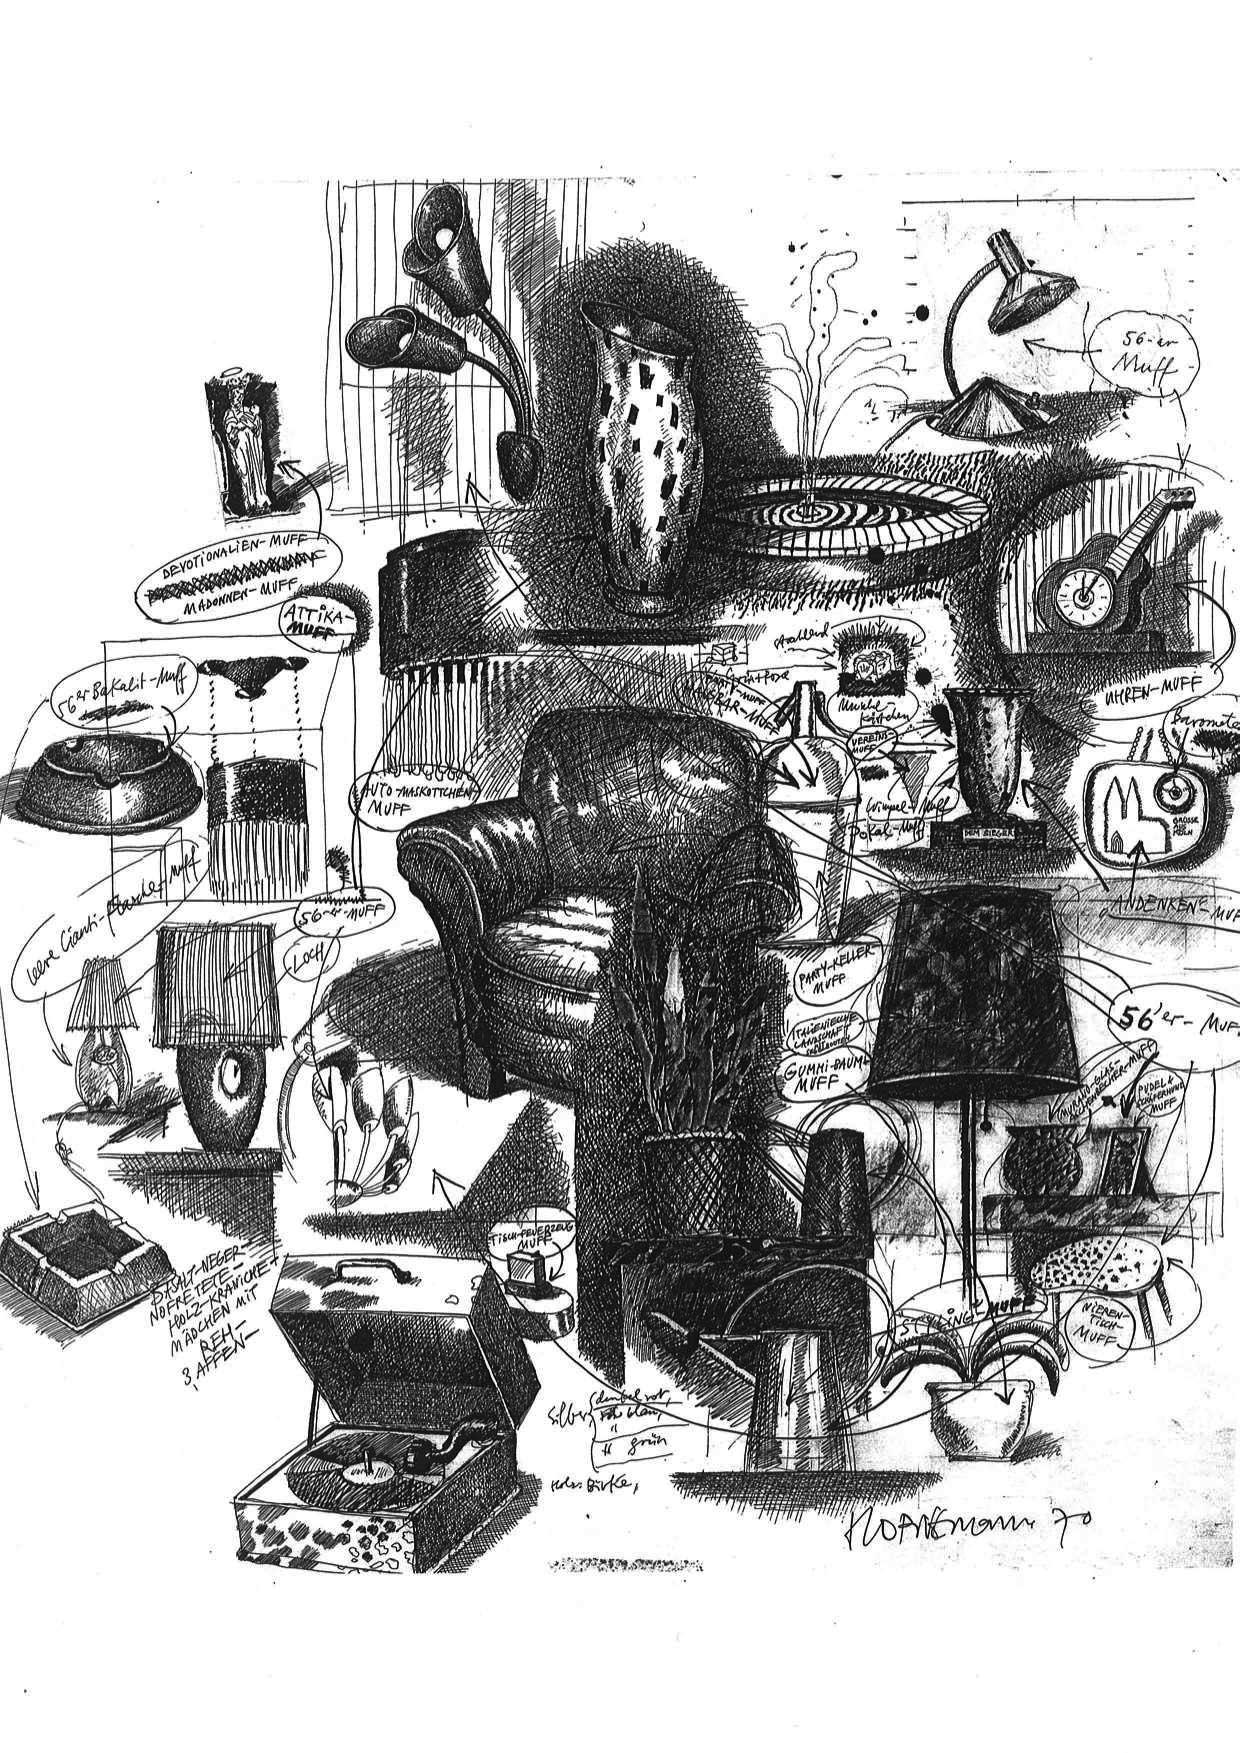 Thomas Hornemann, 50er Jahre - Muff, Tusche auf Papier, 1970